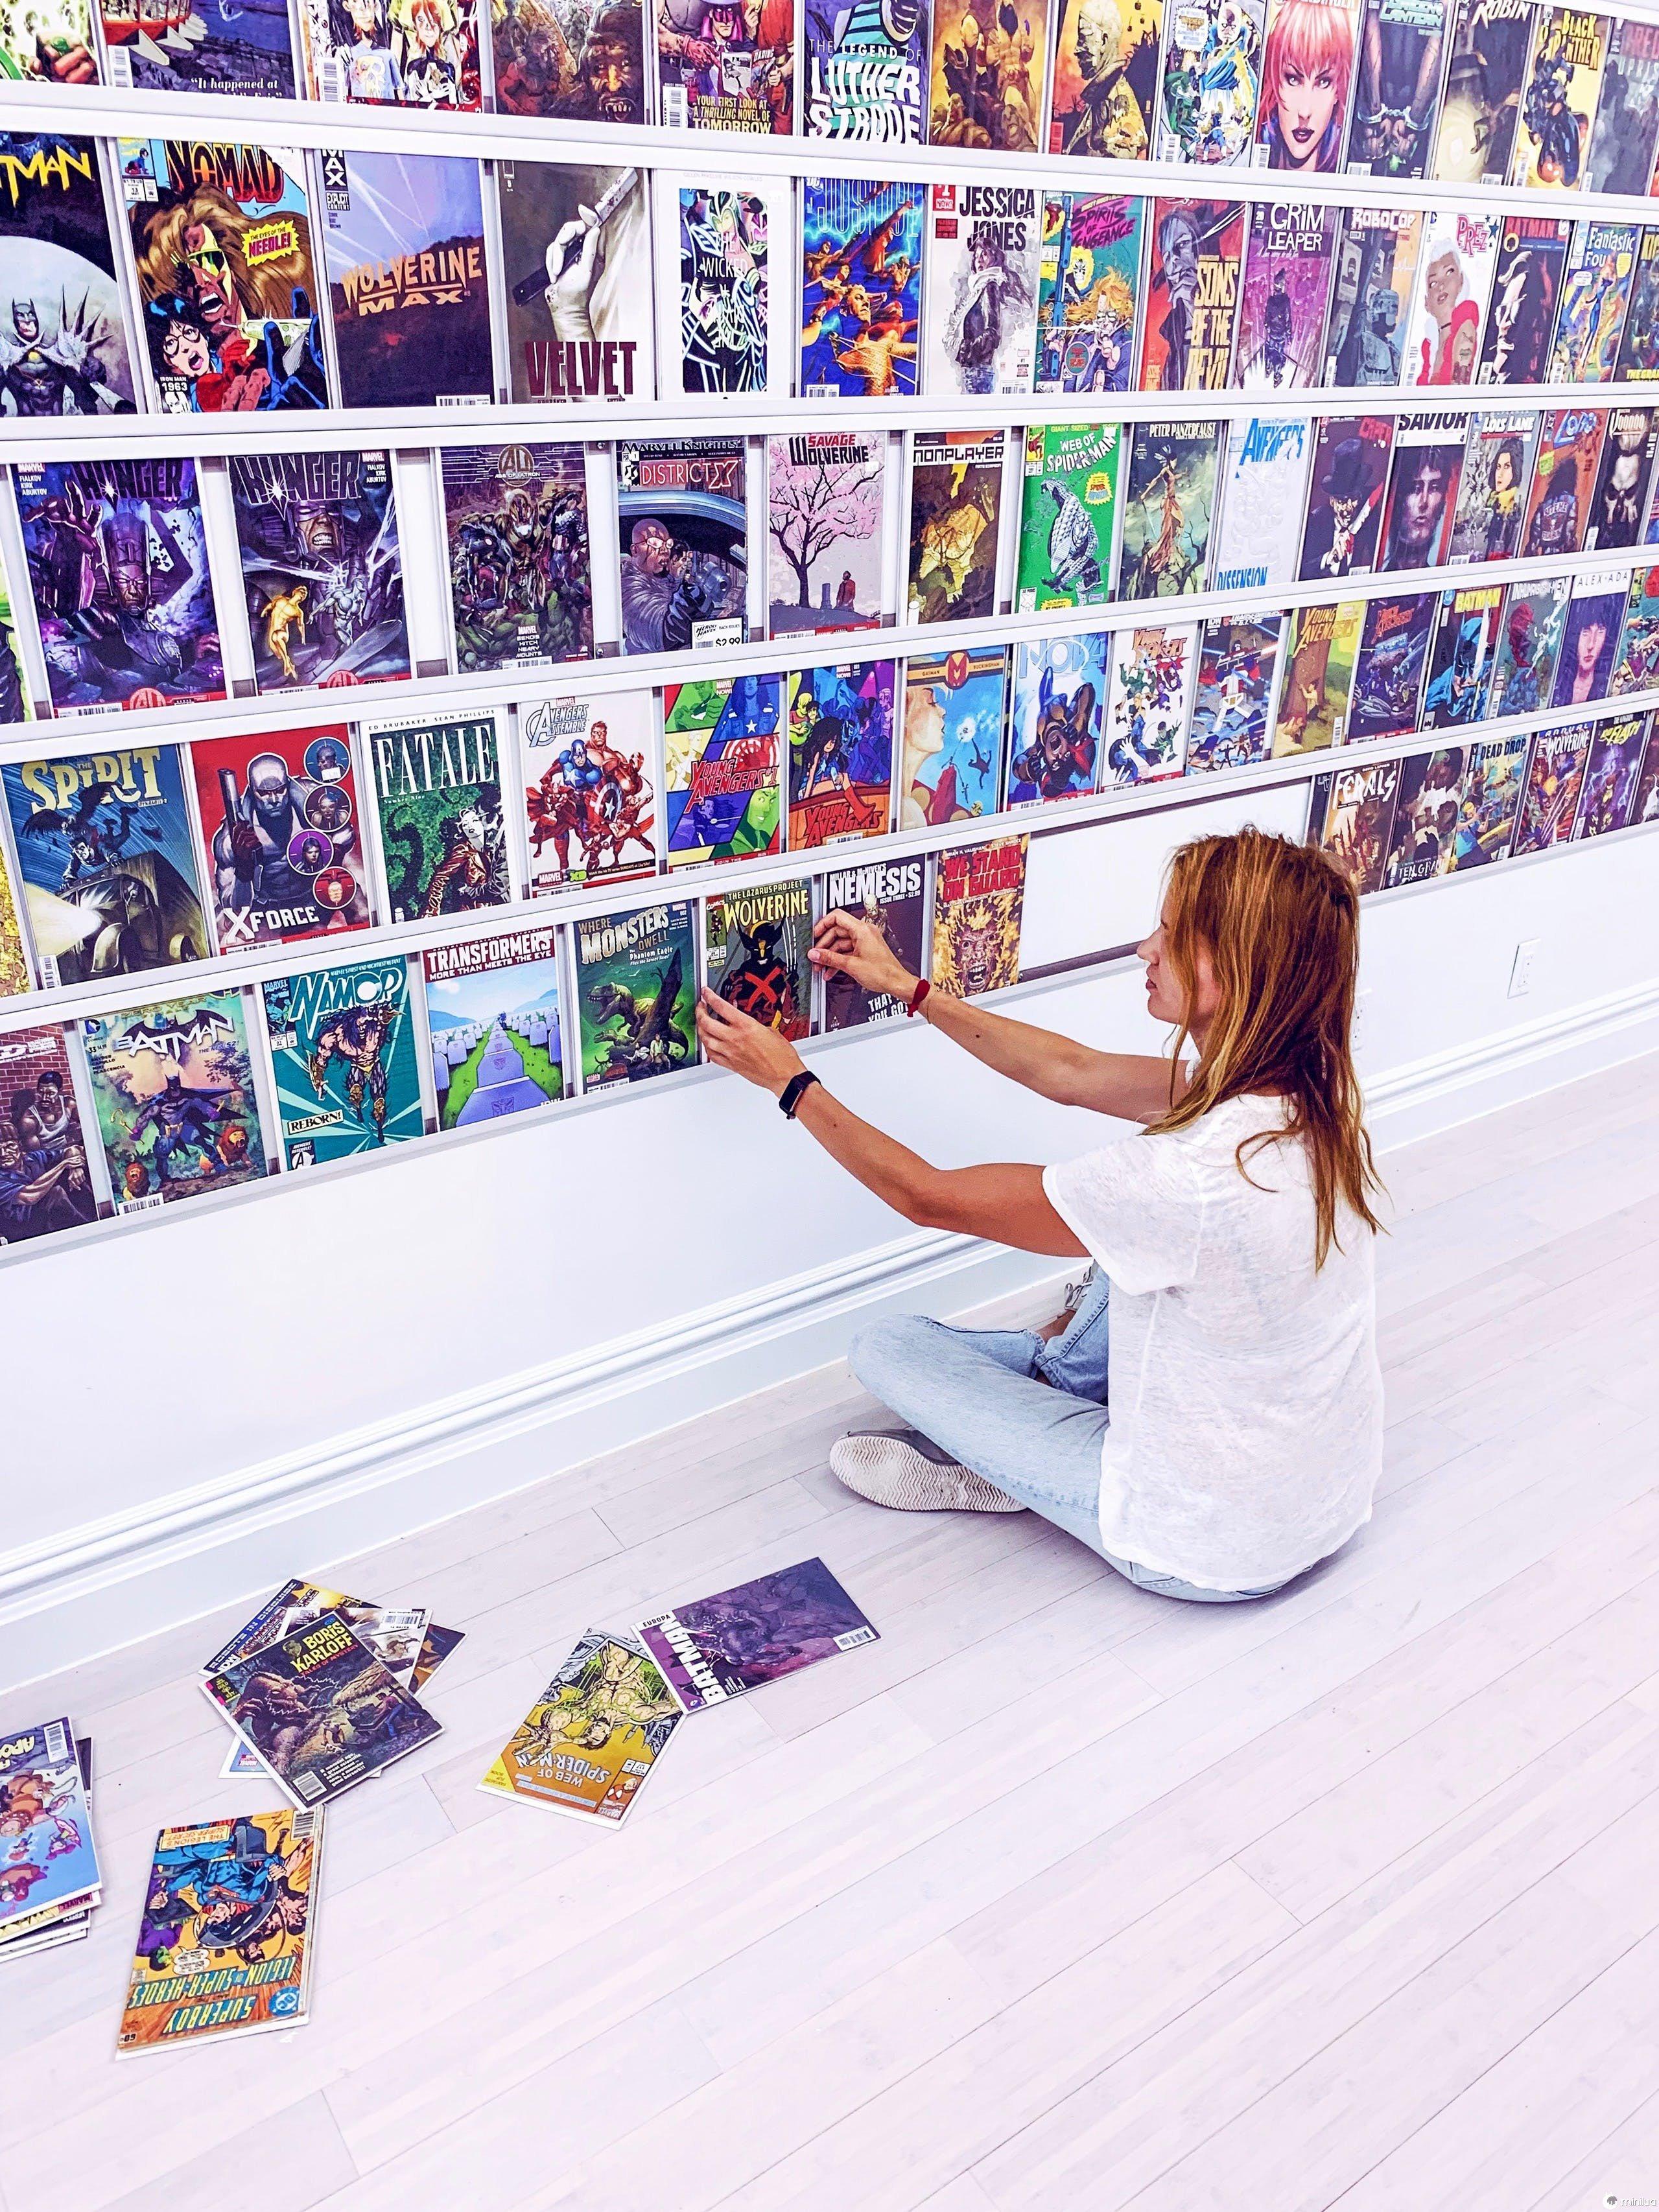 Brooklyn permite que crianças criem e vendam seus próprios quadrinhos